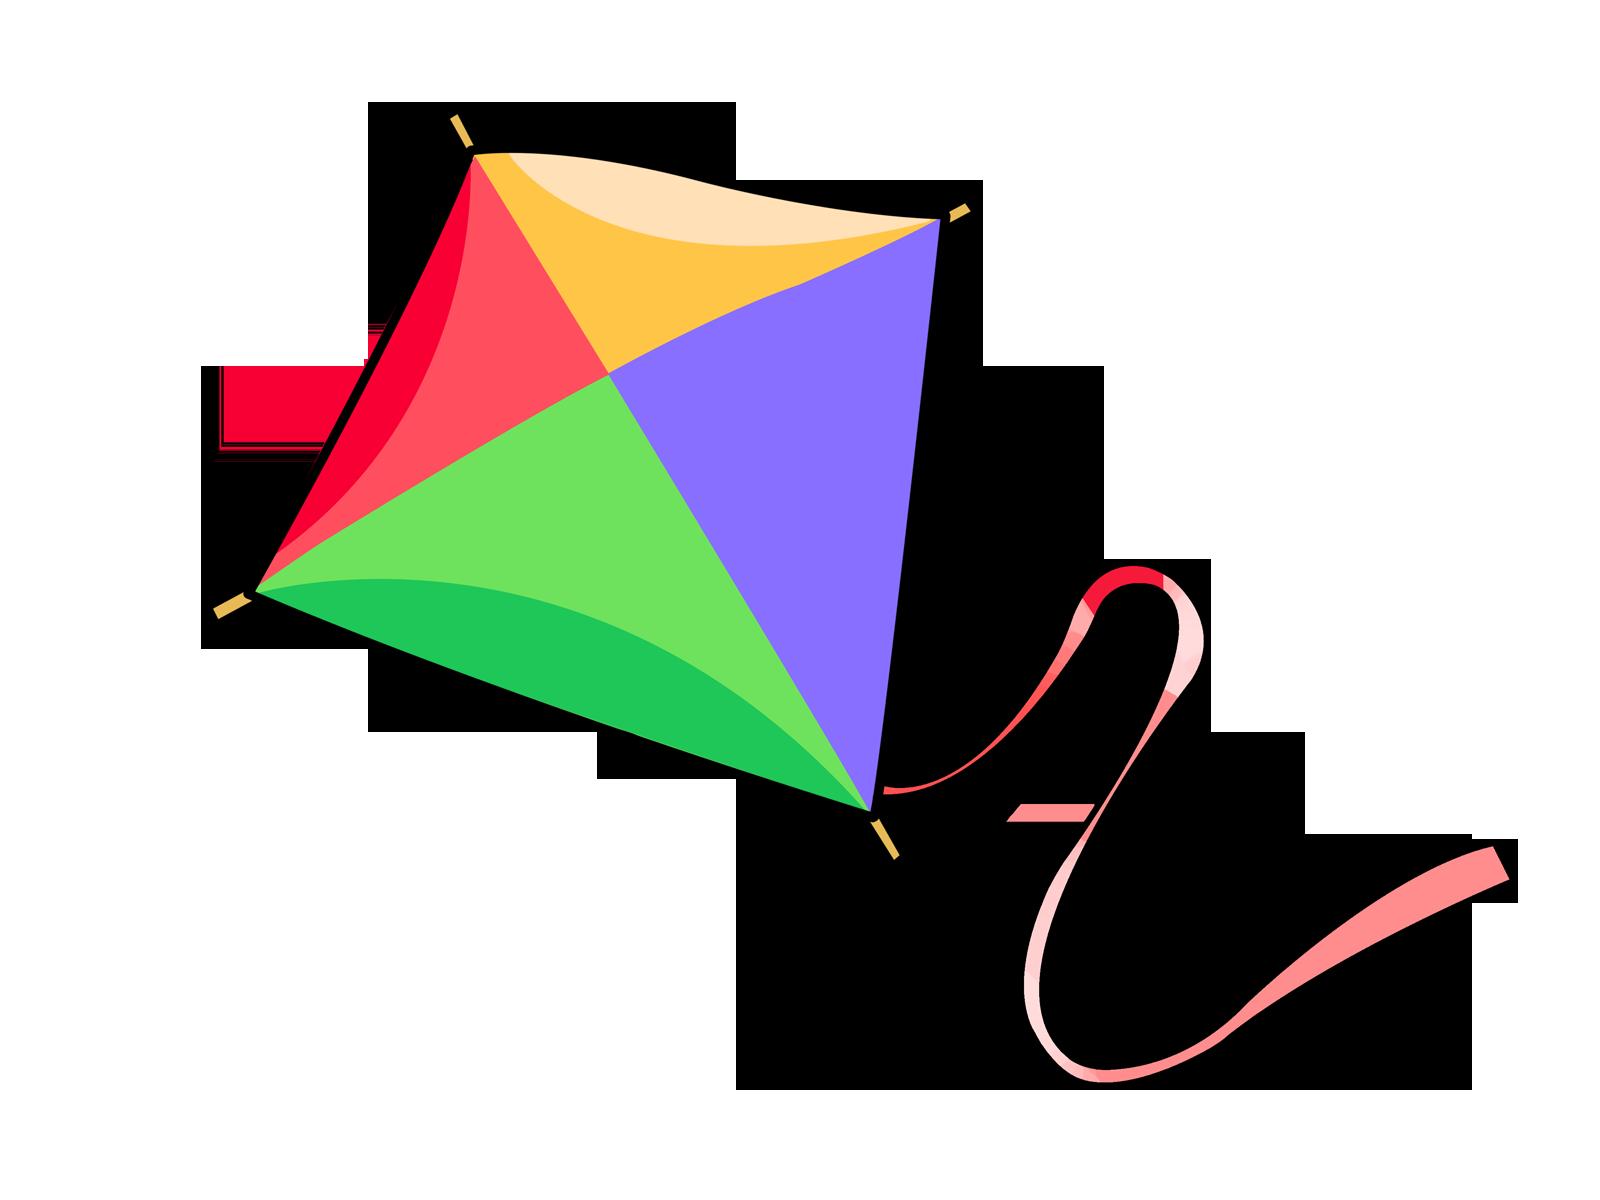 Kite Clipart & Kite Clip Art Images.